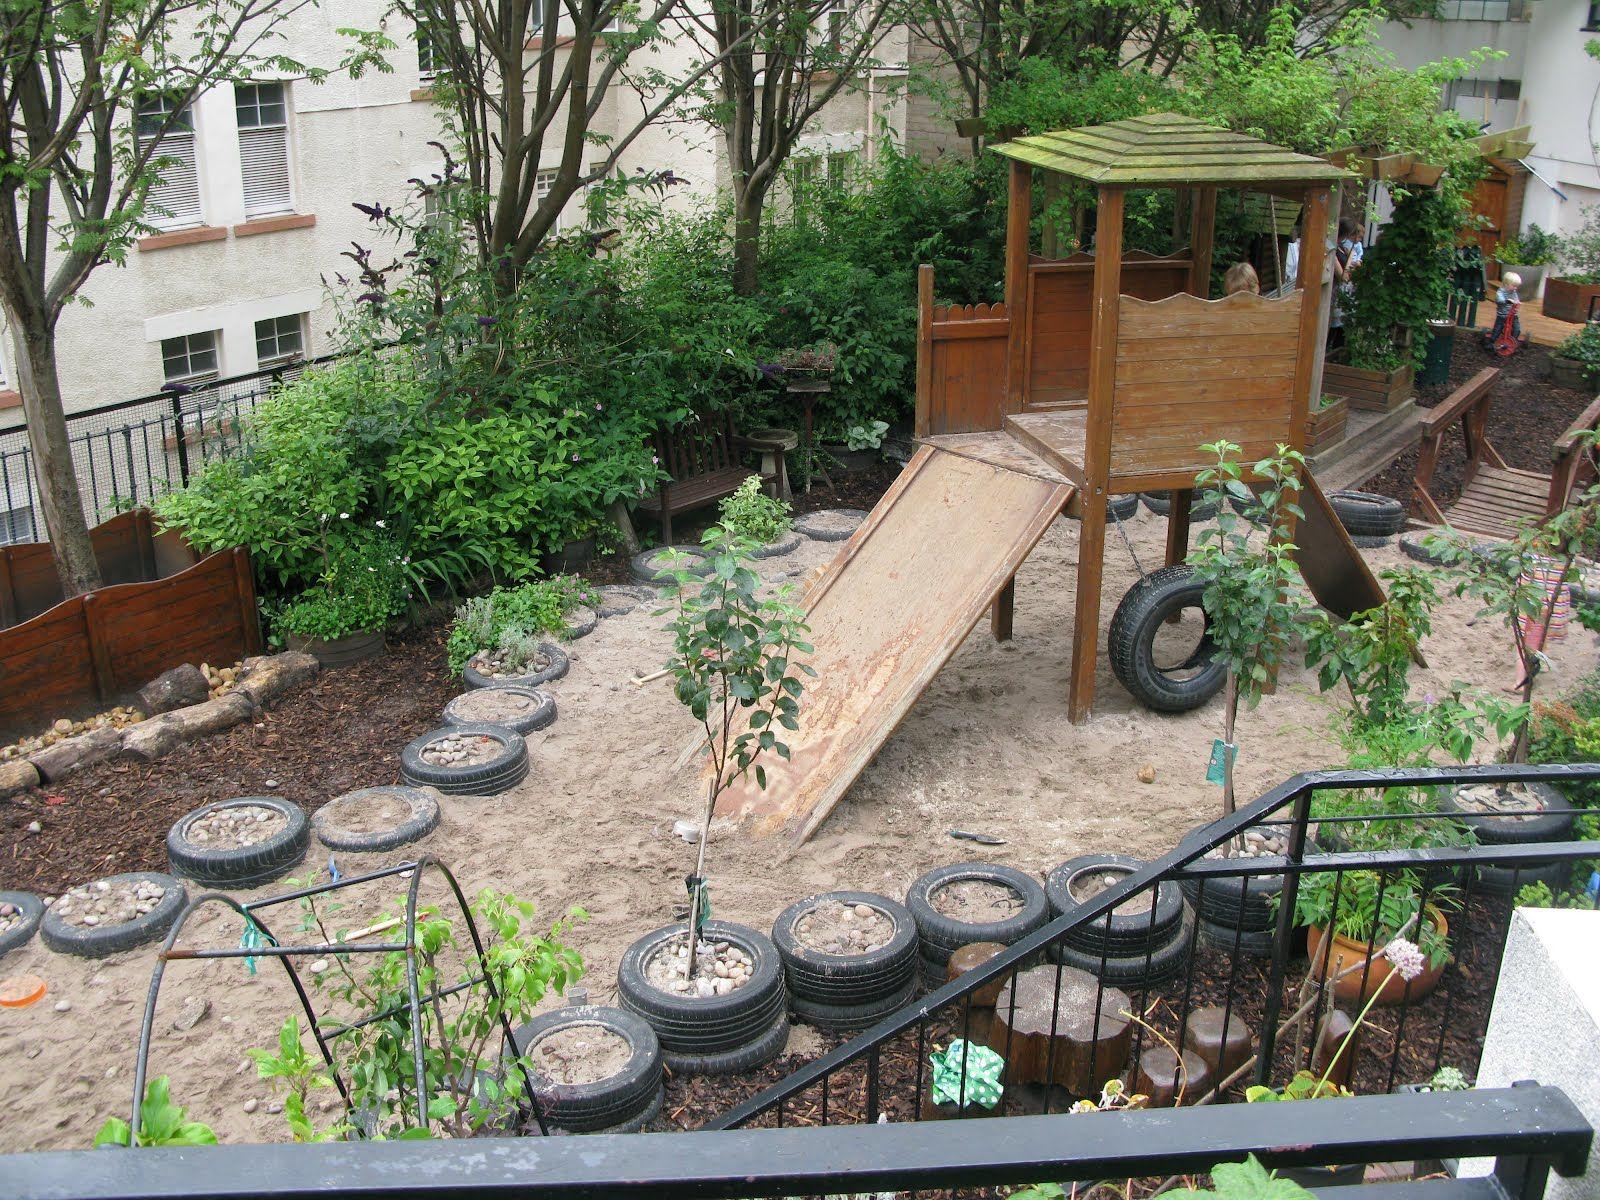 Explore Garden Nursery School And More